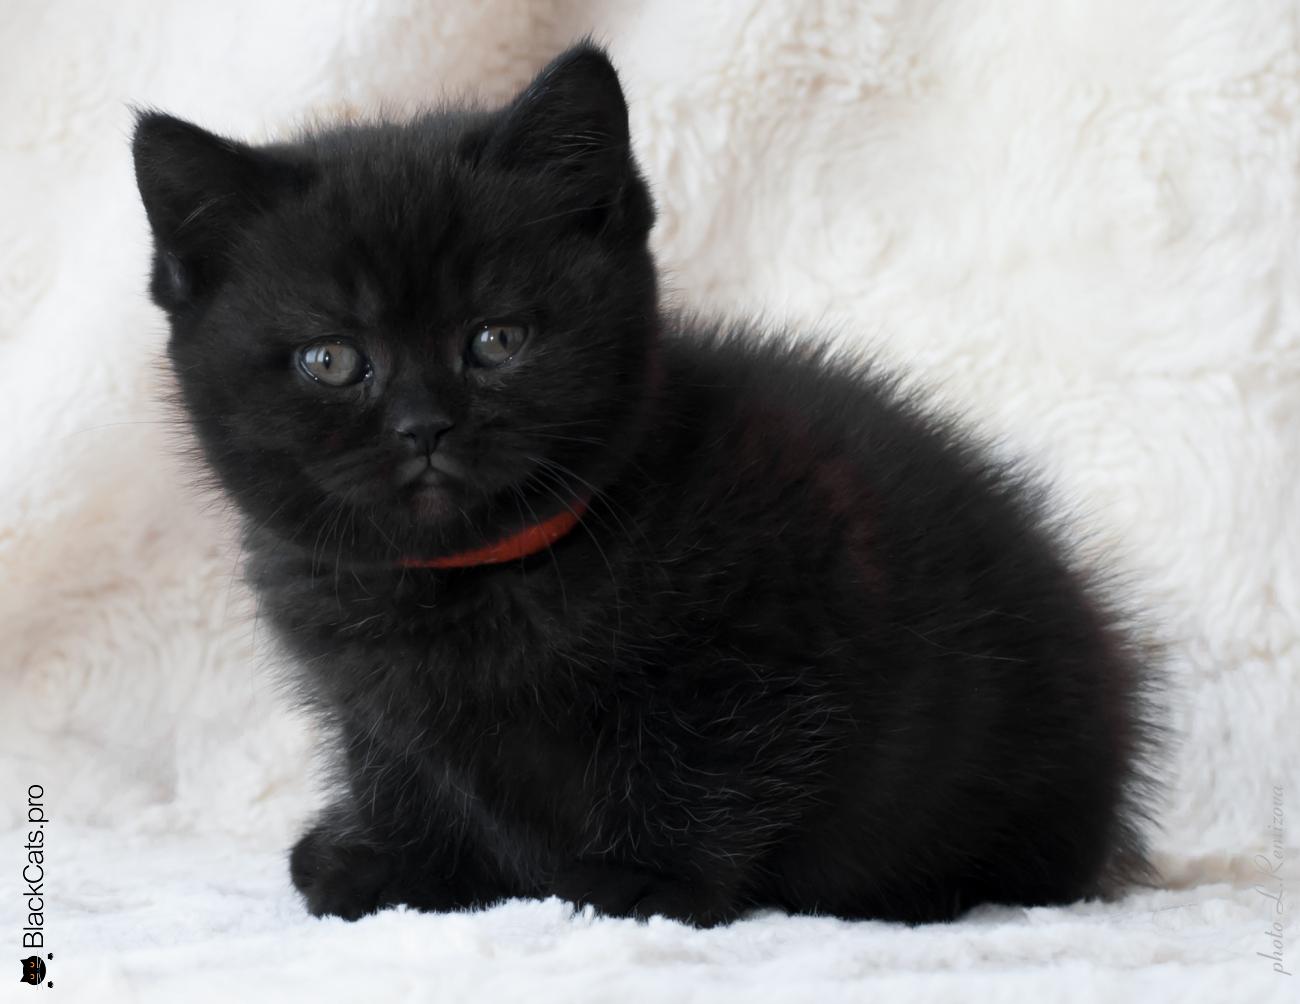 Купить черную британскую кошку